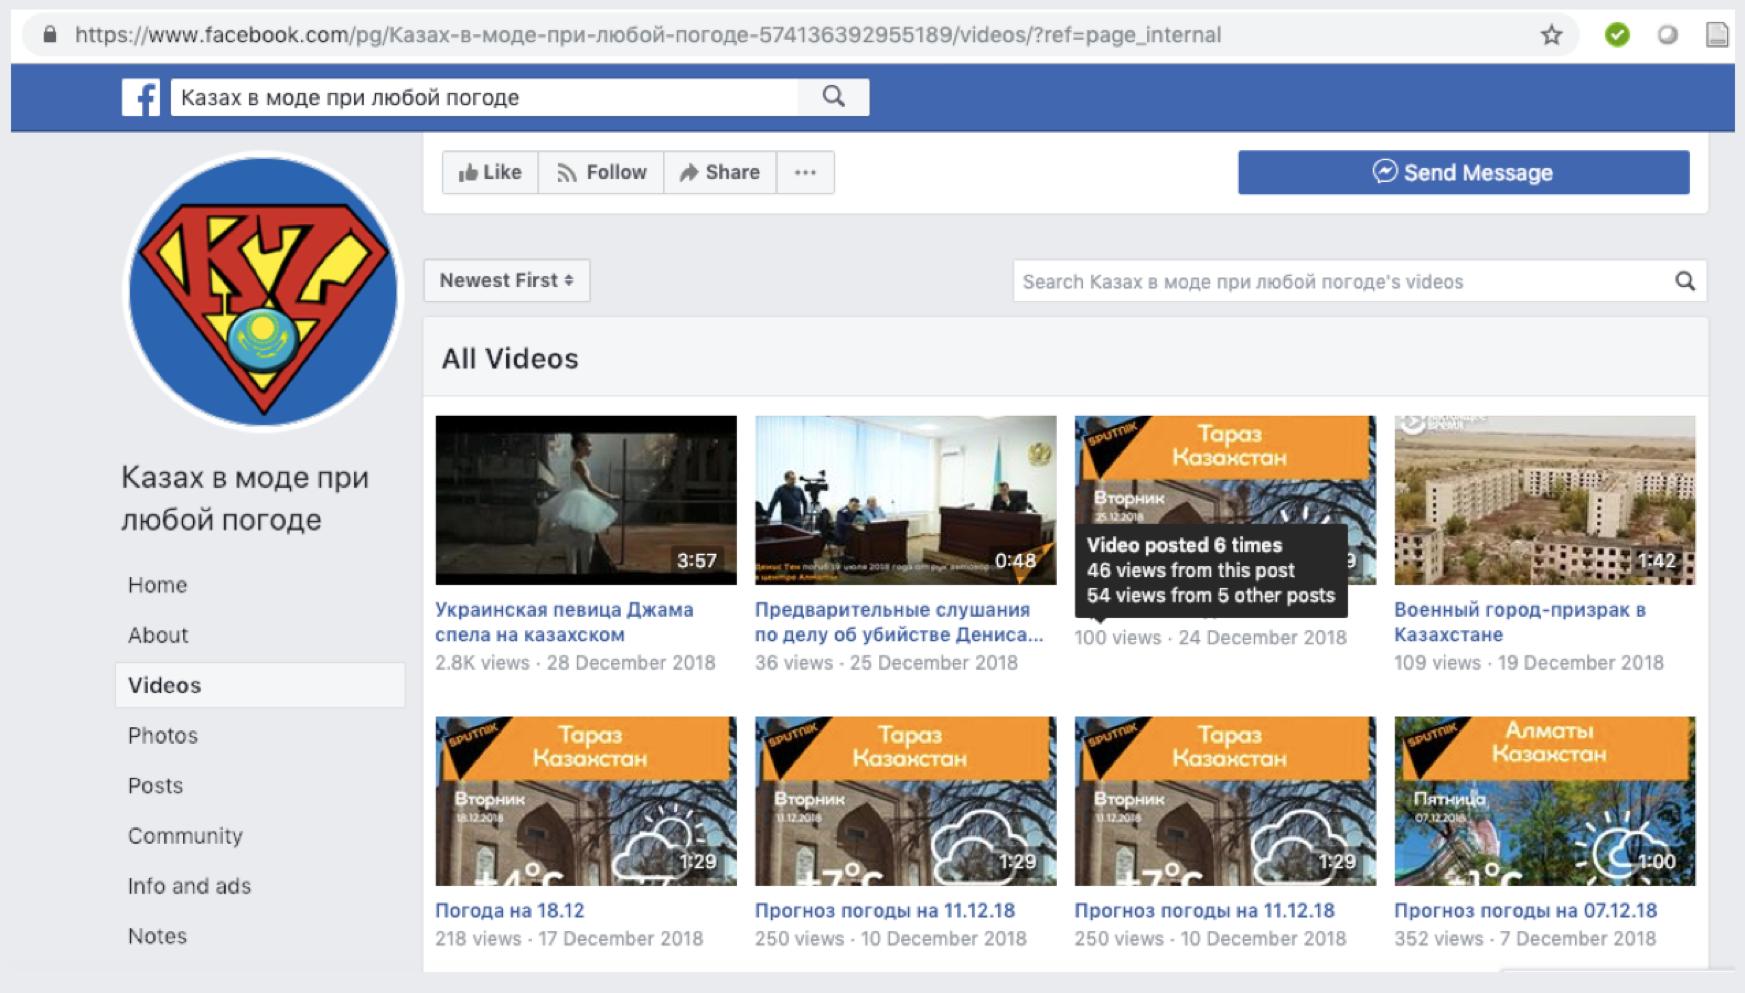 6 na 8 widocznych wideo pochodziło ze Sputnika, 5 to crosspostowane prognozy pogody Ta sama kazachska strona jednego dnia opublikowała 34 materiały wideo od TOK